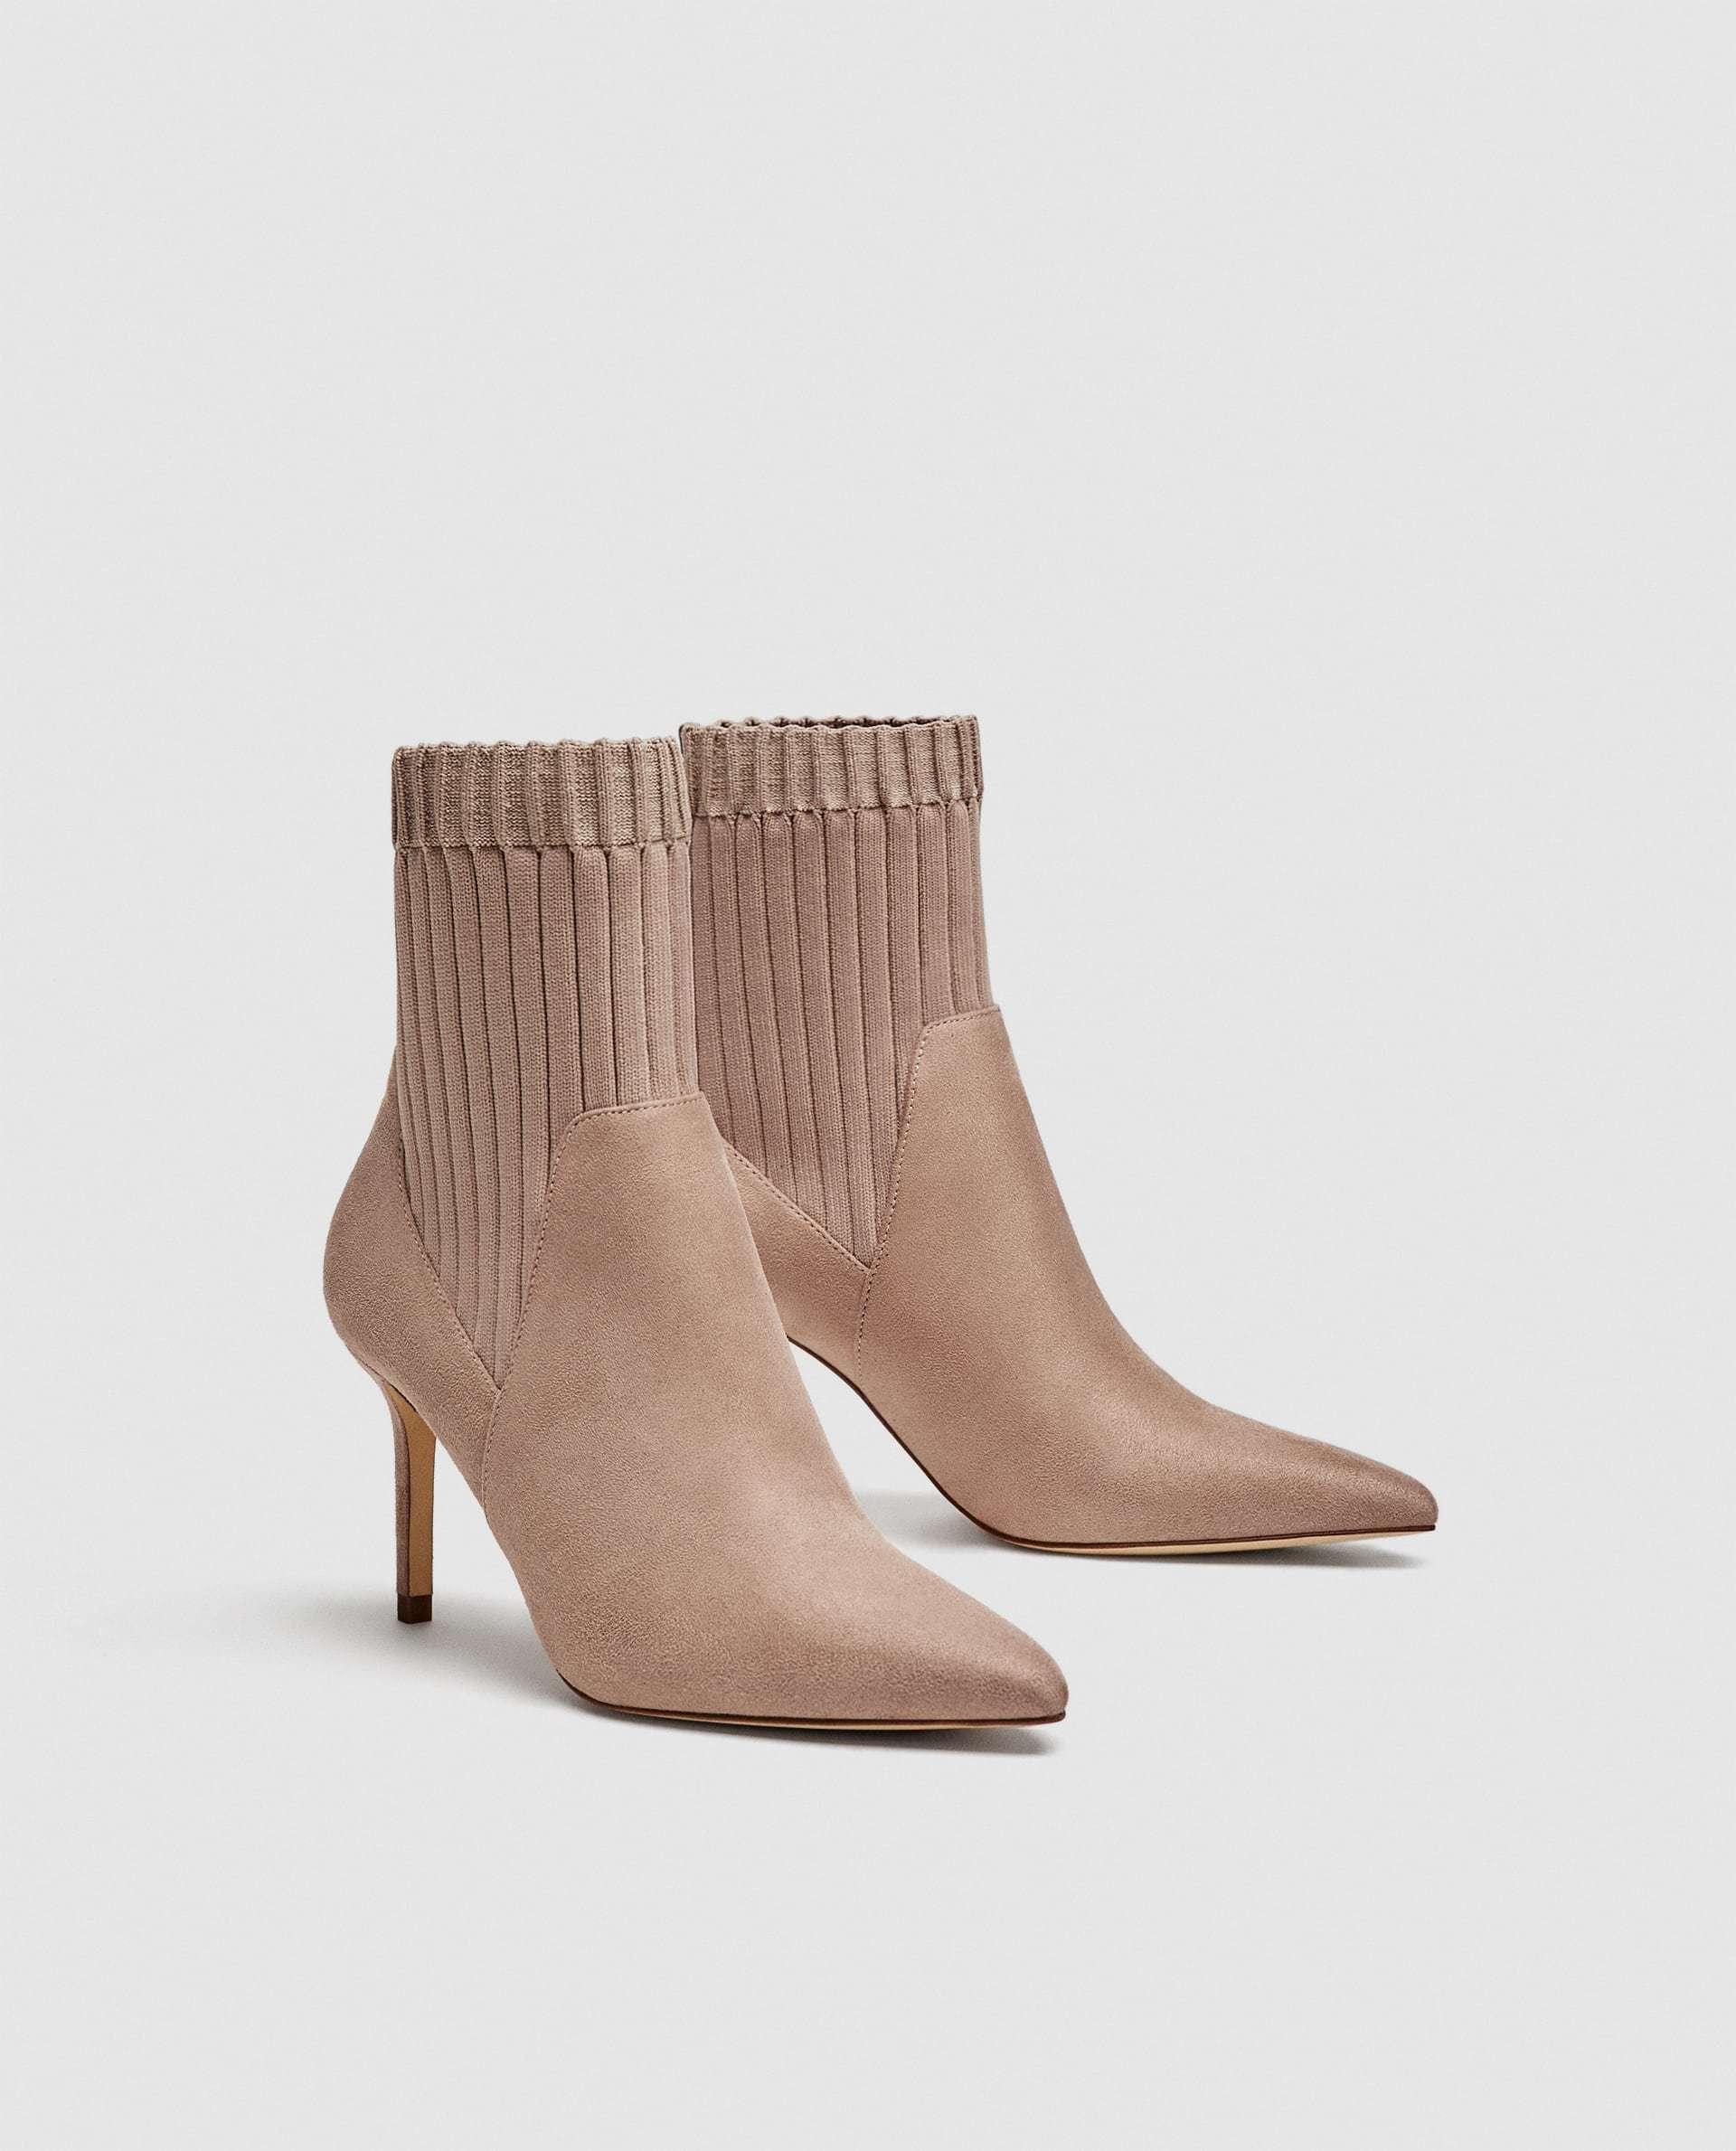 Botín calcetín de Zara (49,95 euros)